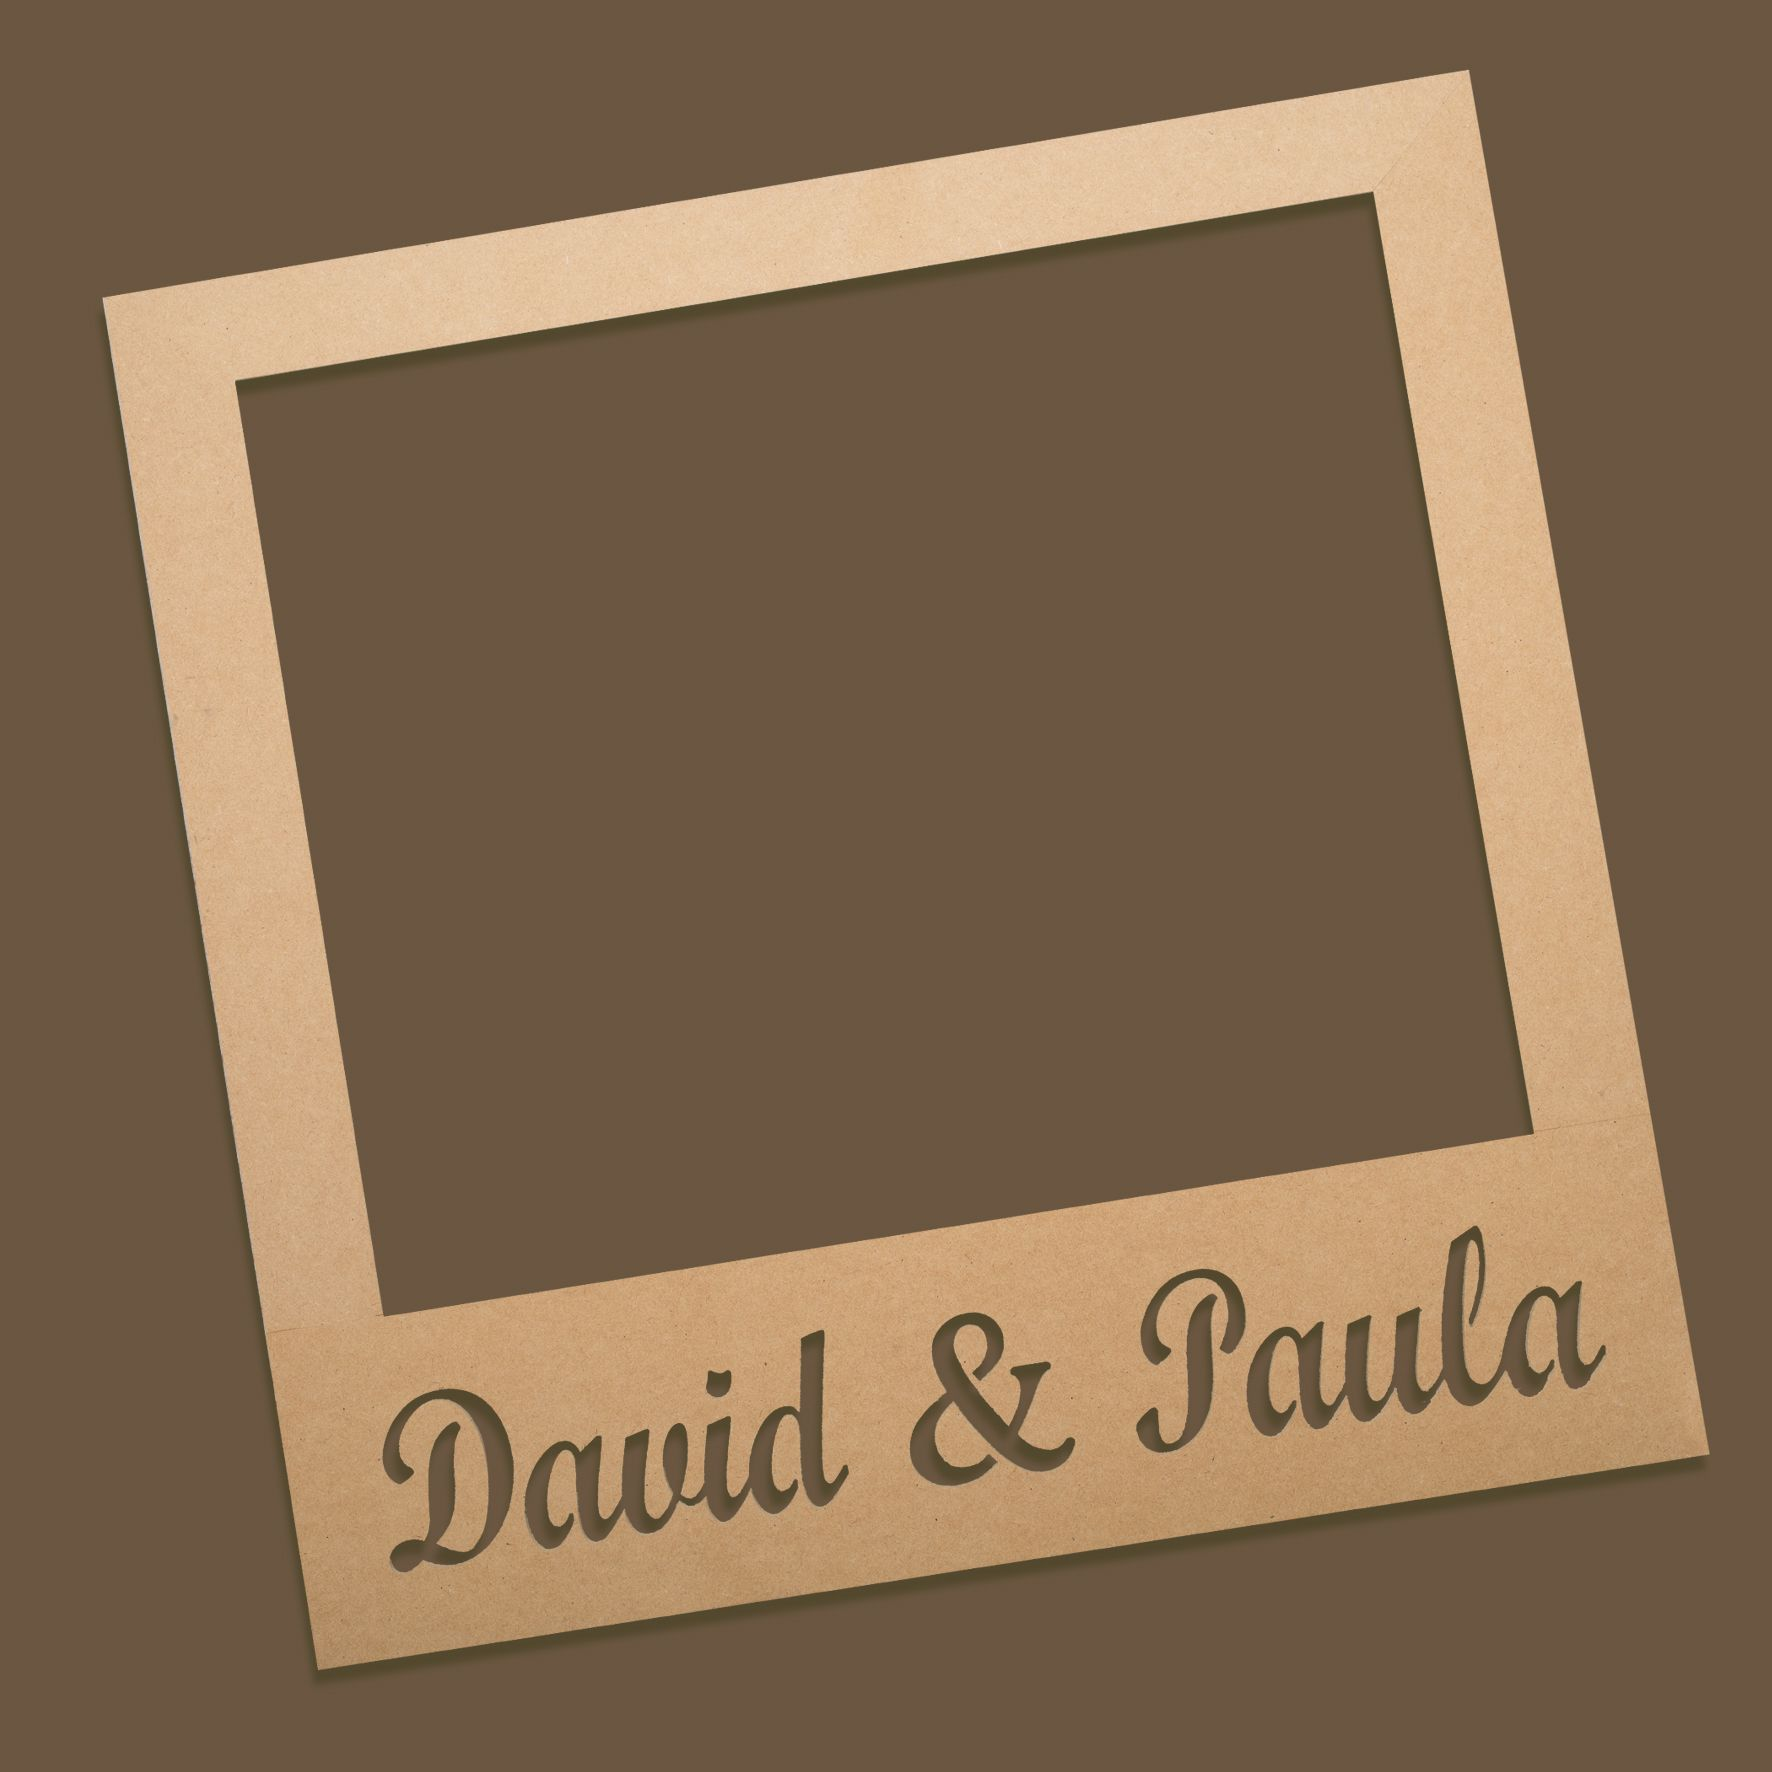 Marco tipo polaroid   Eventos   Pinterest   Polaroid y Eventos